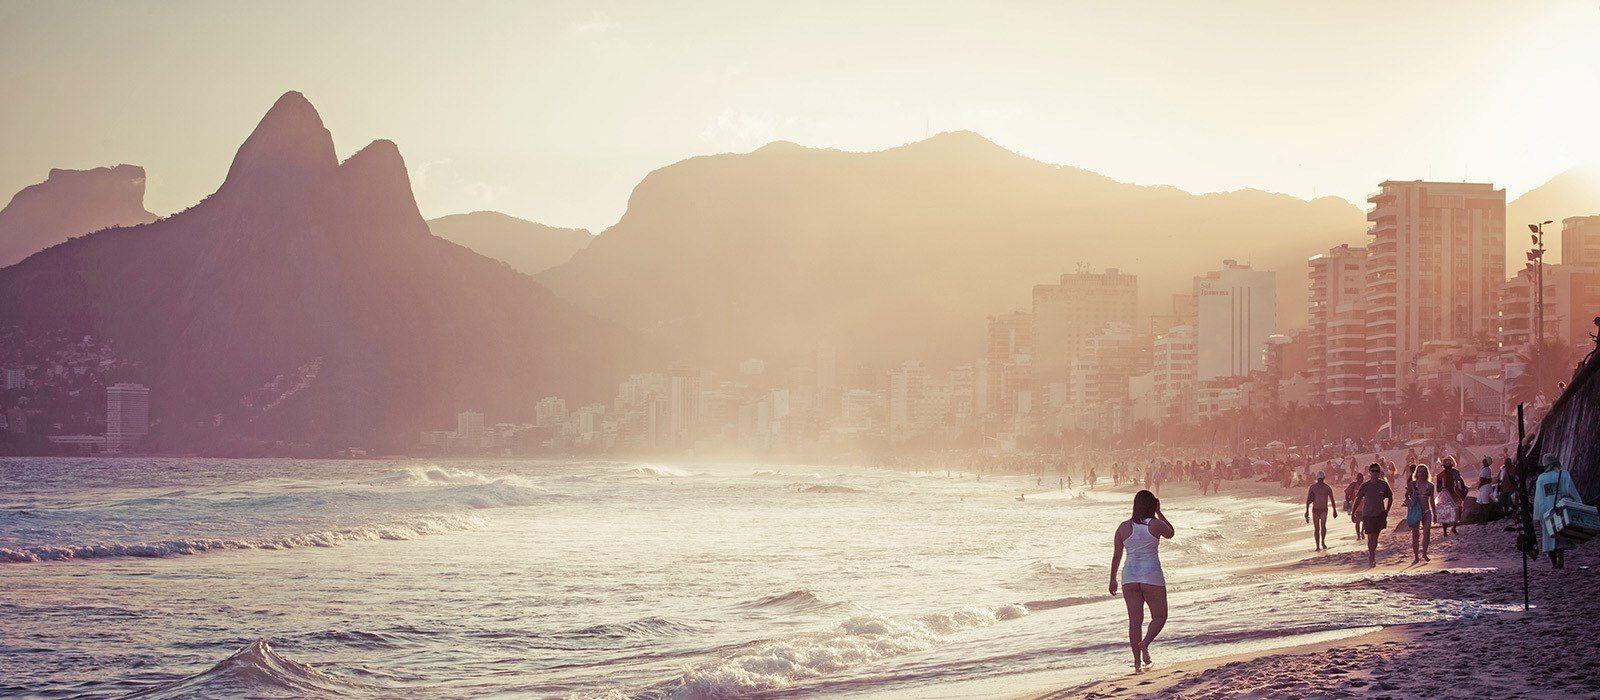 Argentinien & Brasilien – glitzernde Städte und tosende Fluten Urlaub 2